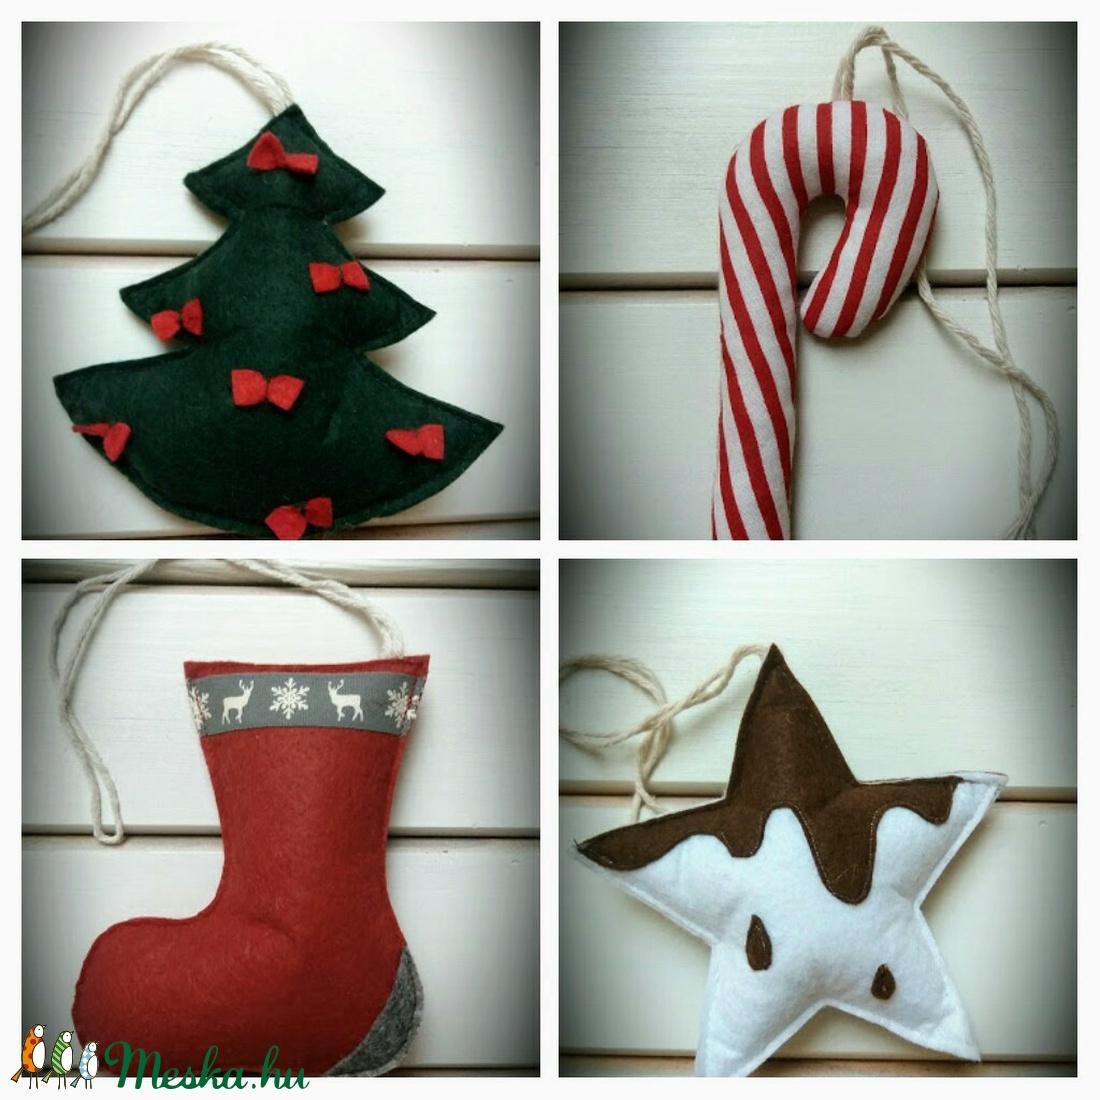 Filc fenyő, cukorpálca,csizma, csokis csillag, karácsonyi díszek szettben (Noemi8501) - Meska.hu